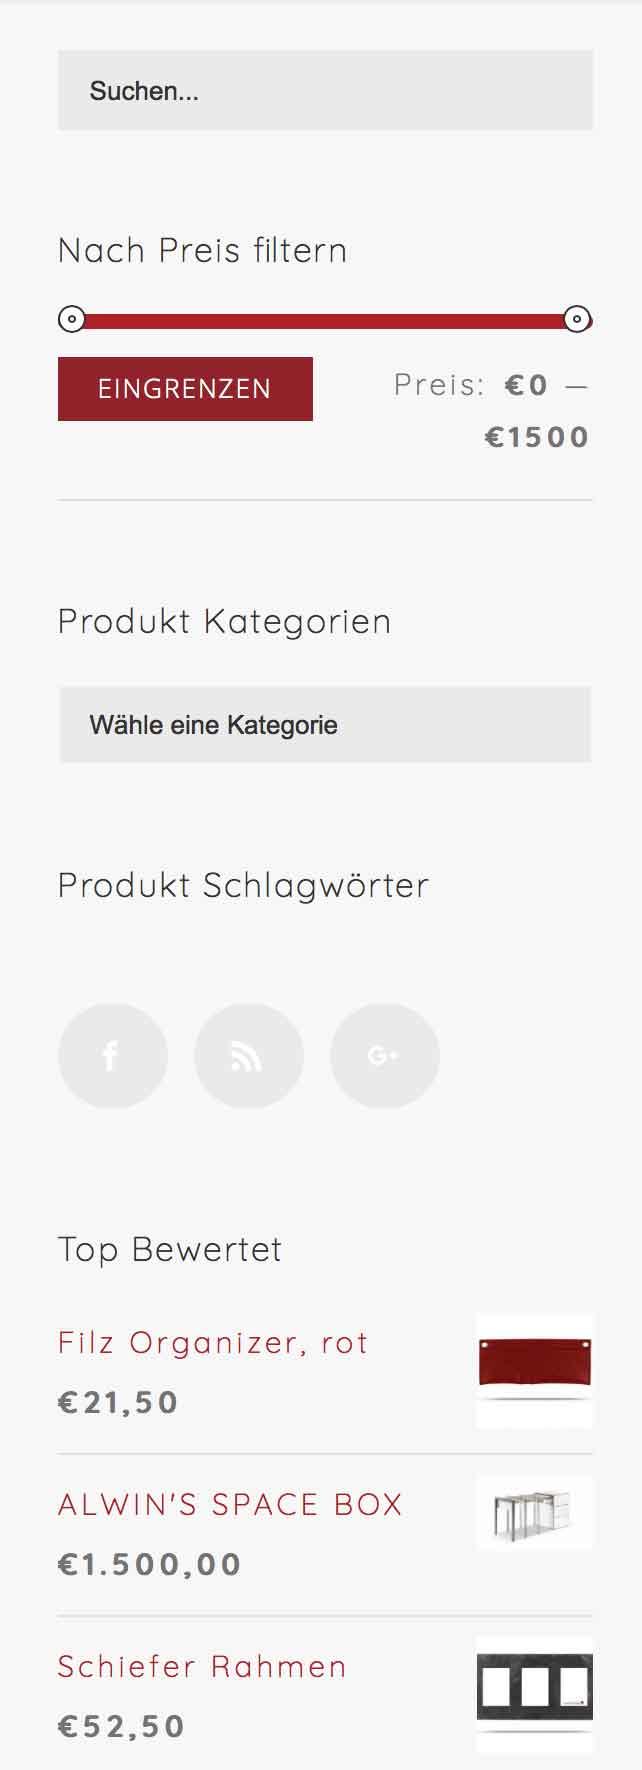 Produktfilter helfen bei der Auswahl